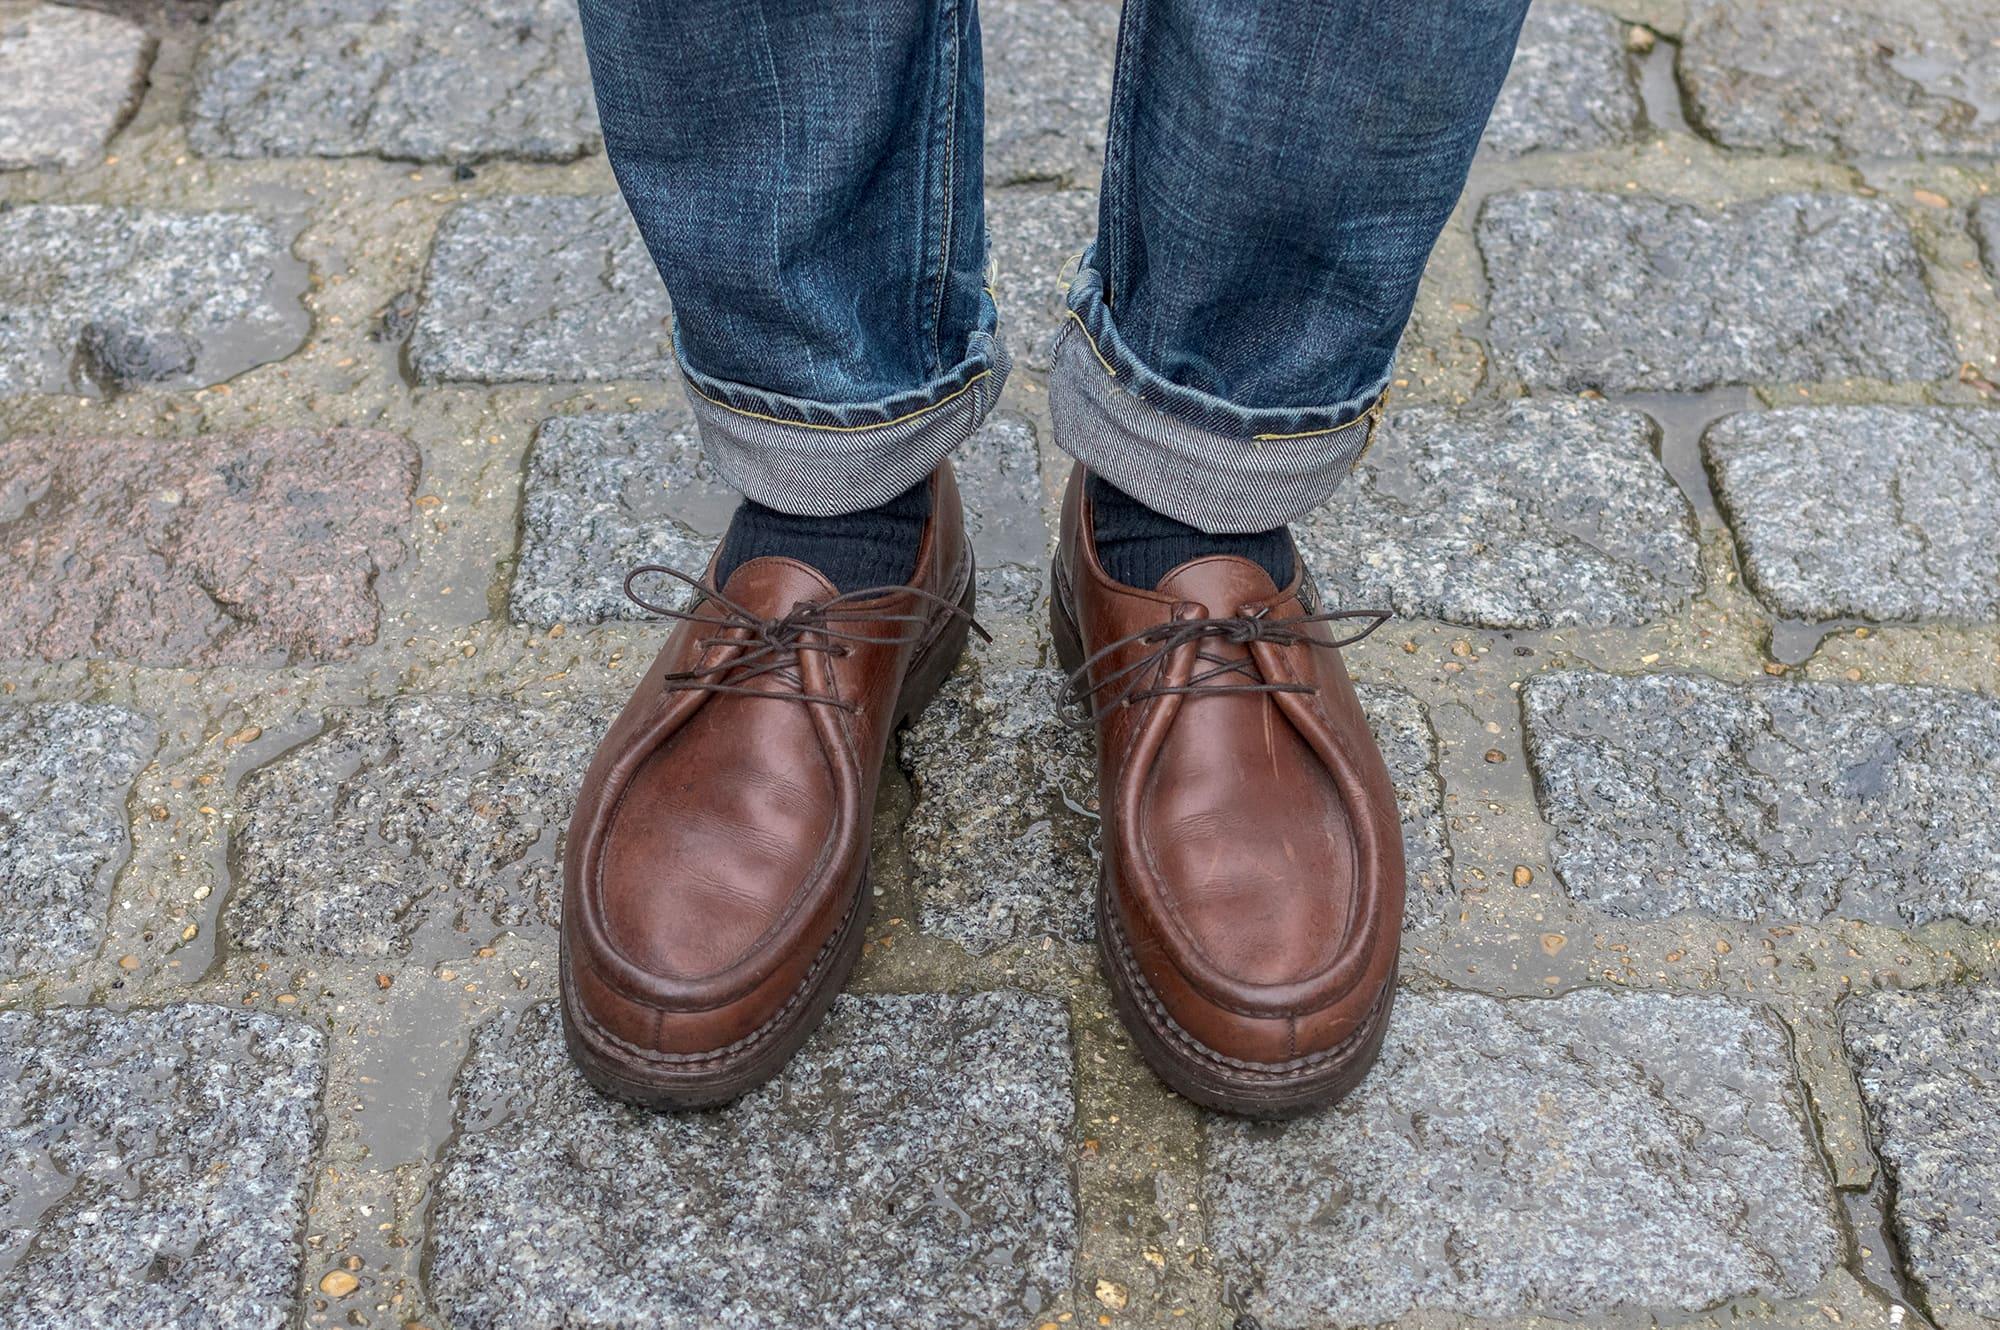 Paraboot Michael en cuir marron - comment les porter